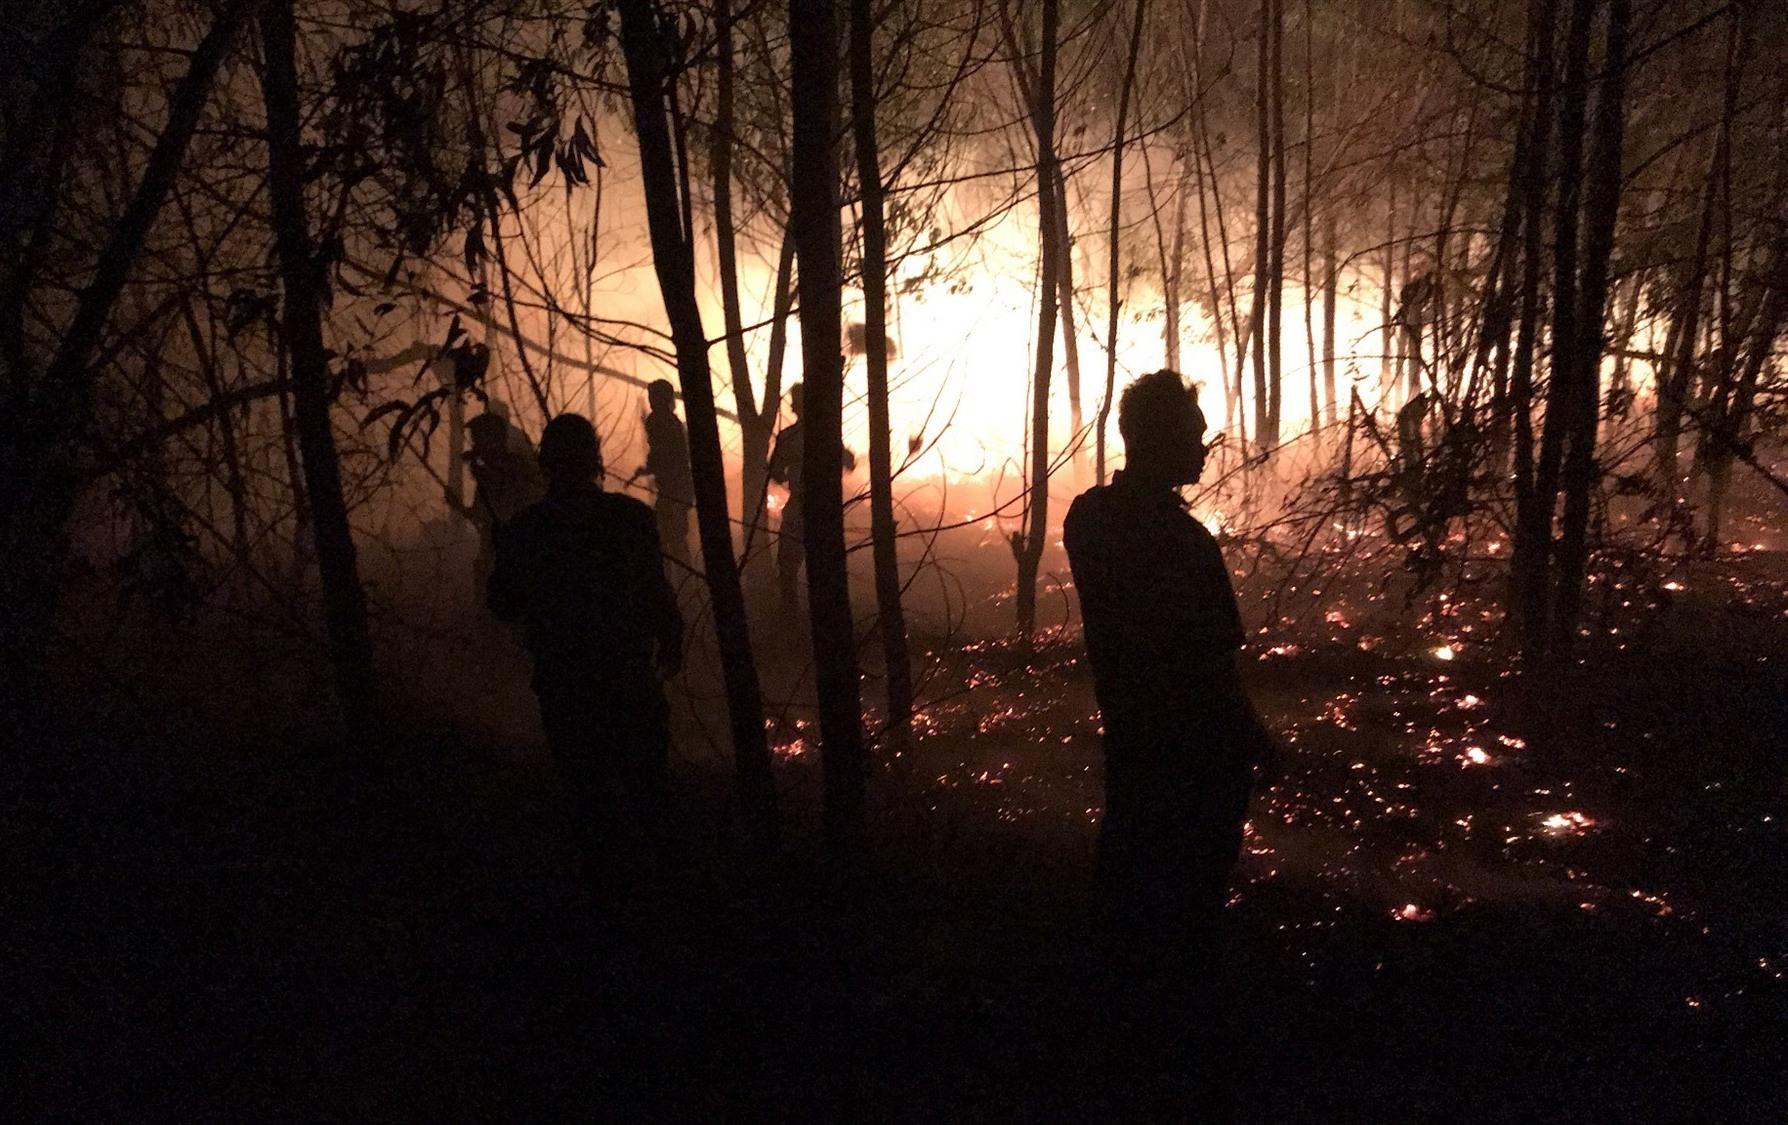 Khu vực rừng trồng xã Bình Minh, huyện Thăng Bình bị cháy. Ảnh: HOÀI AN